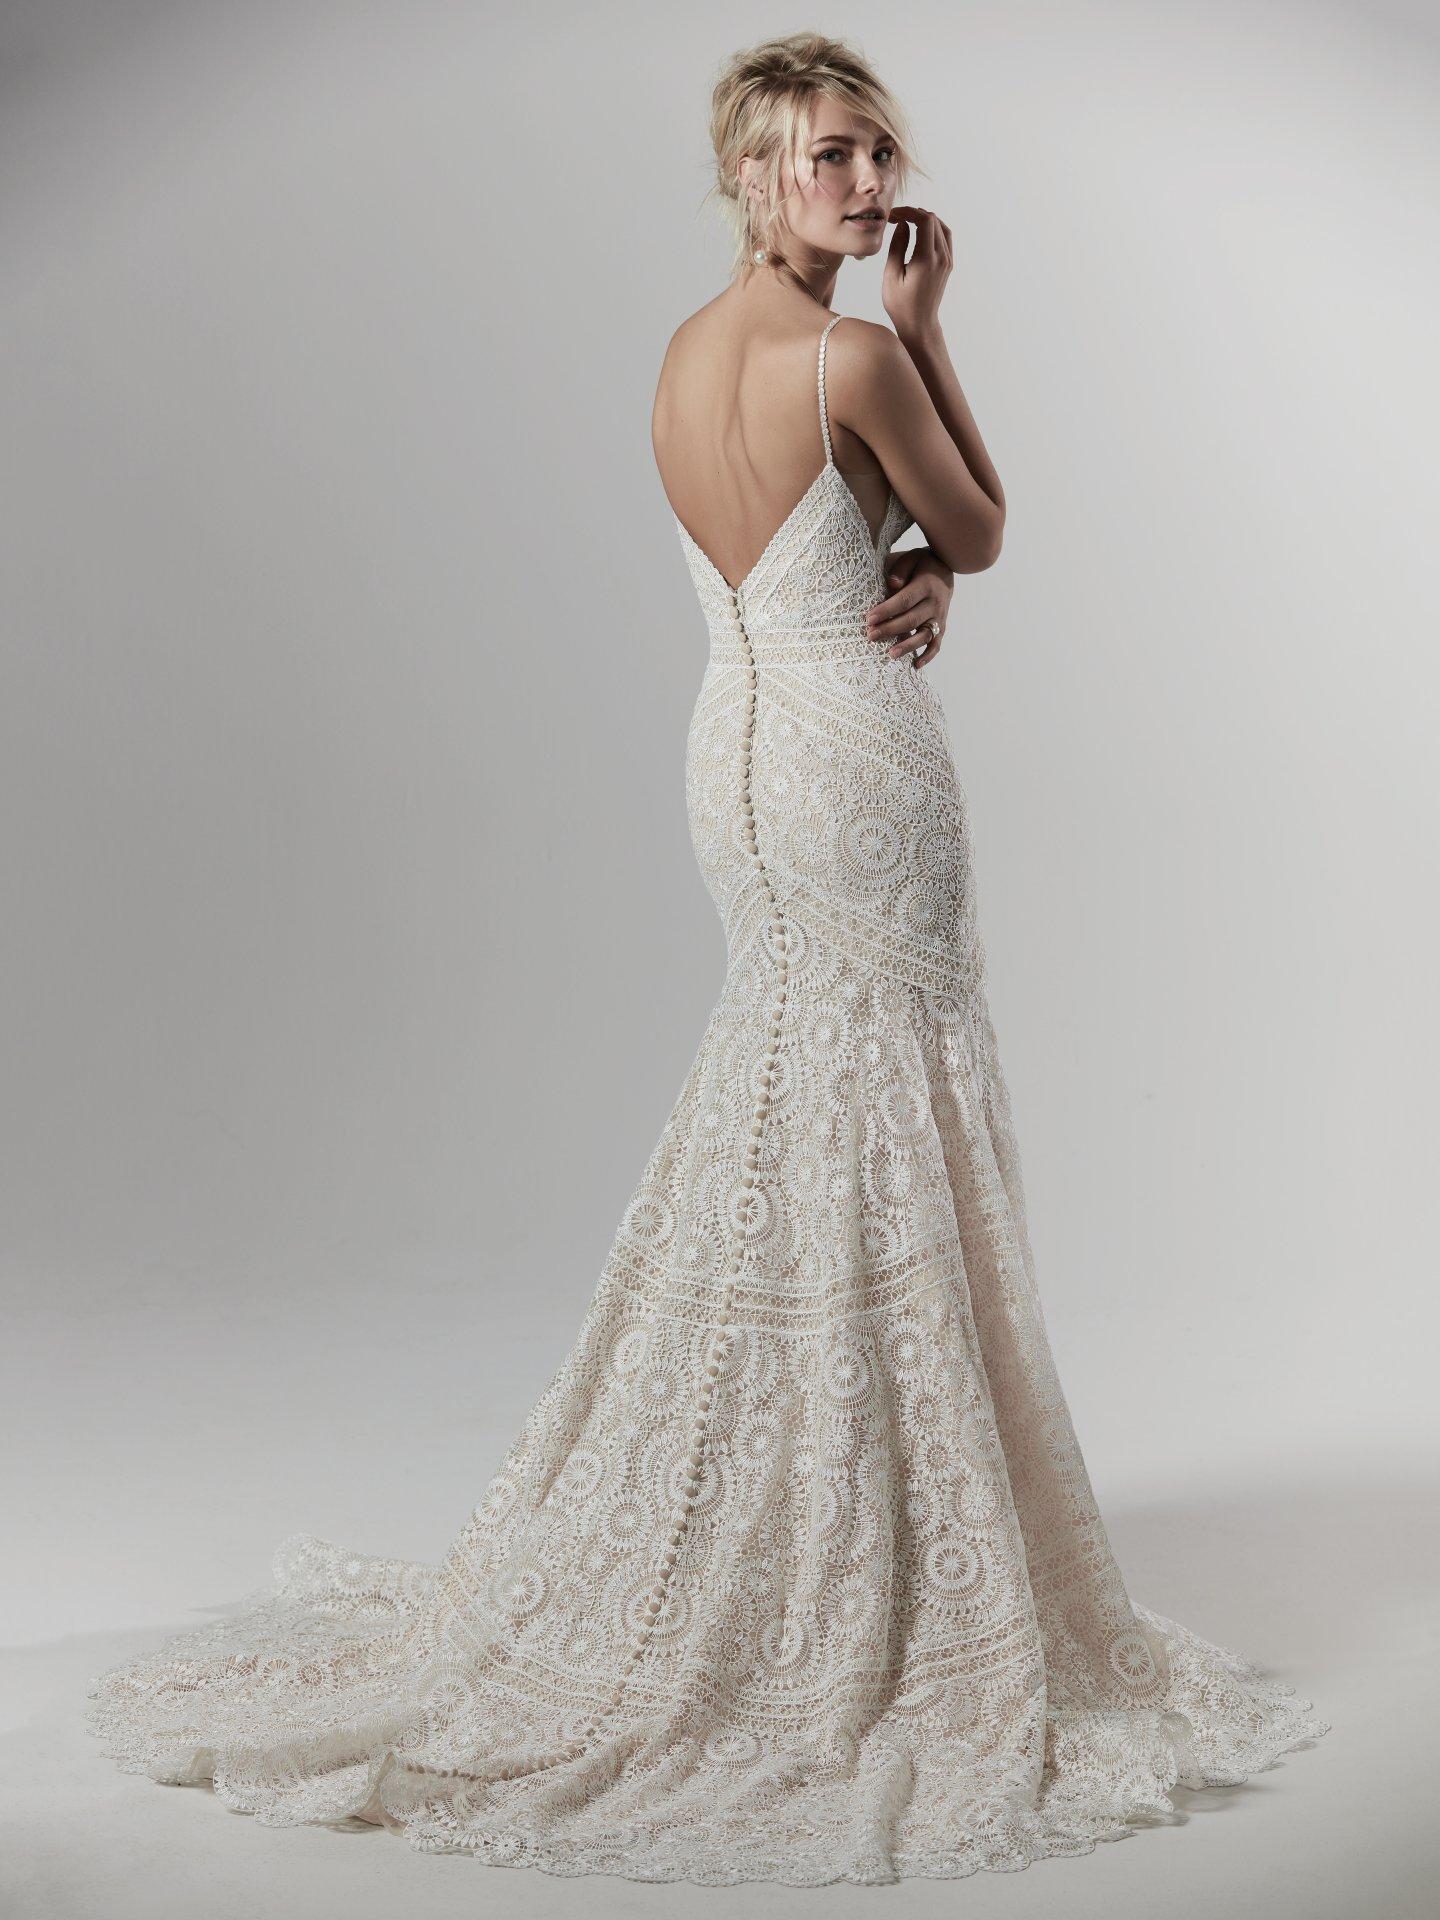 Maggie Sottero Fielding lace boho wedding dress